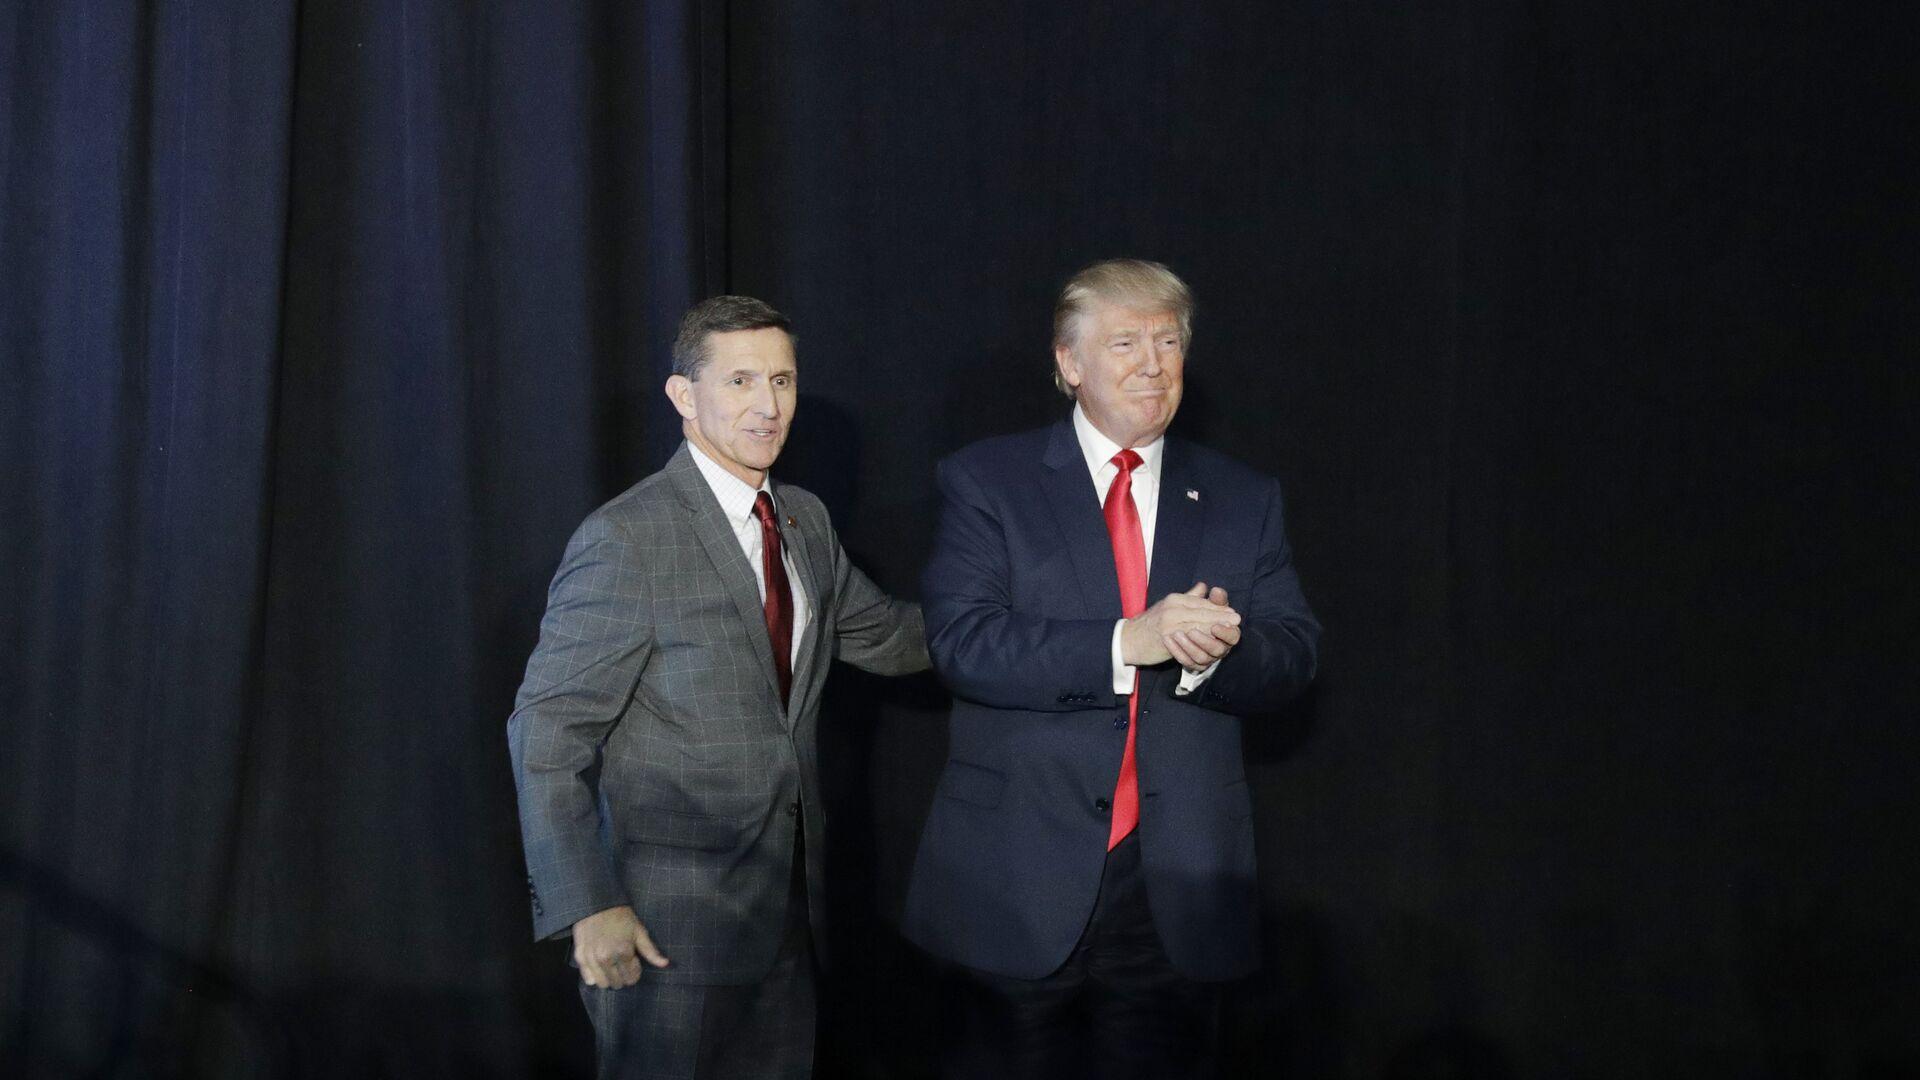 Дональд Трамп и Майкл Флинн во время предвыборной кампании. 2016 год  - РИА Новости, 1920, 26.11.2020